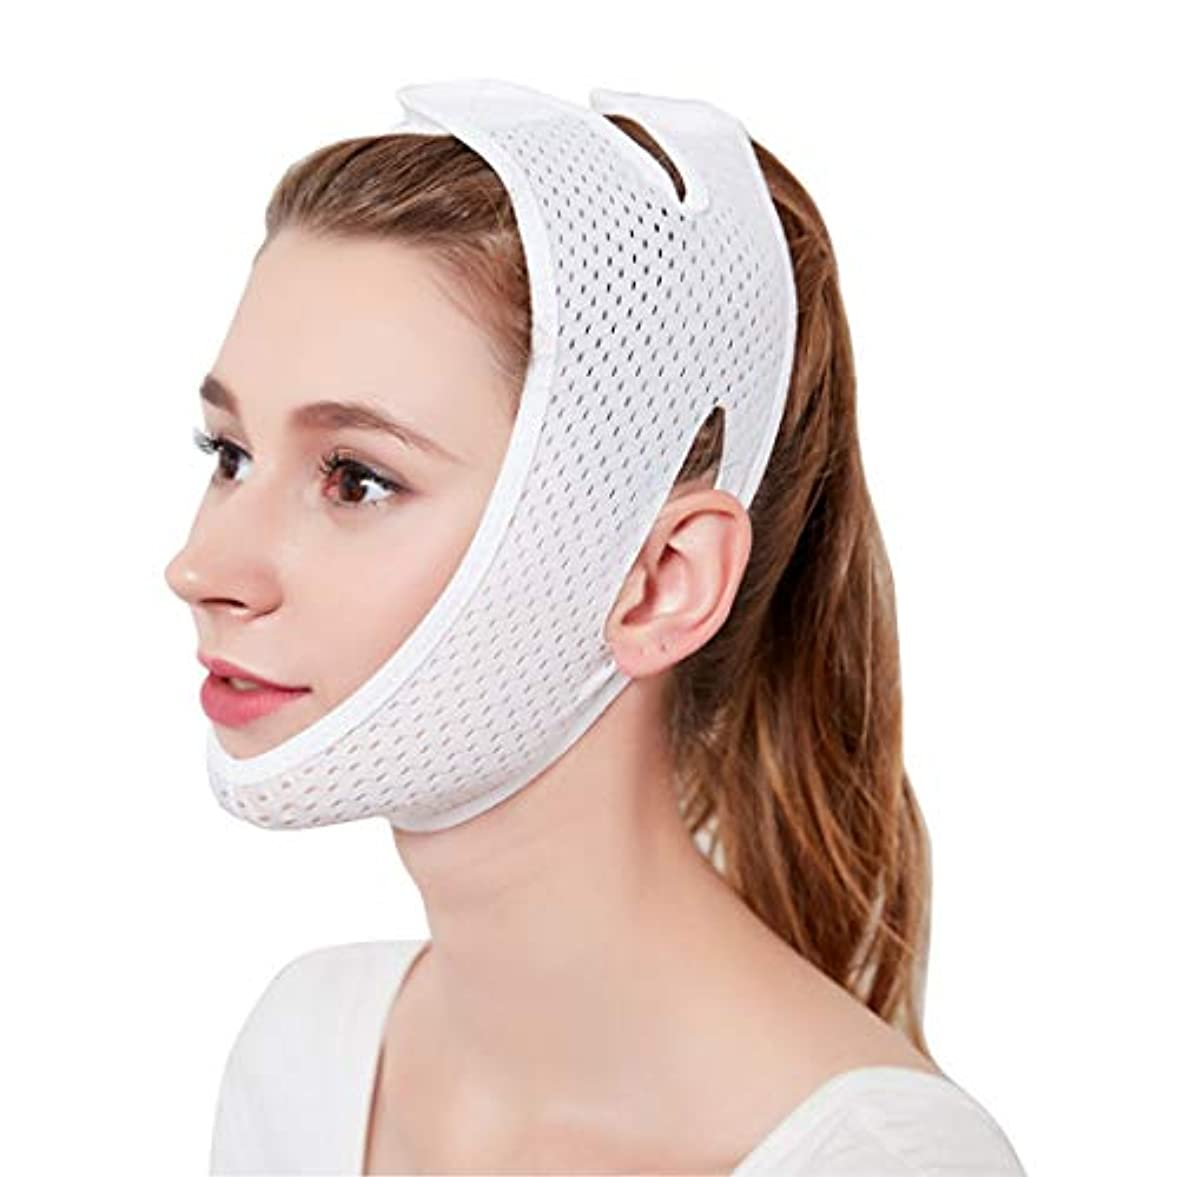 存在するおかしい計画的ZWBD フェイスマスク, 薄い顔包帯v顔の薄い咬筋の筋肉通気性の薄い顔咬筋の筋肉Vフェイスマスクダブルあごリフトあご